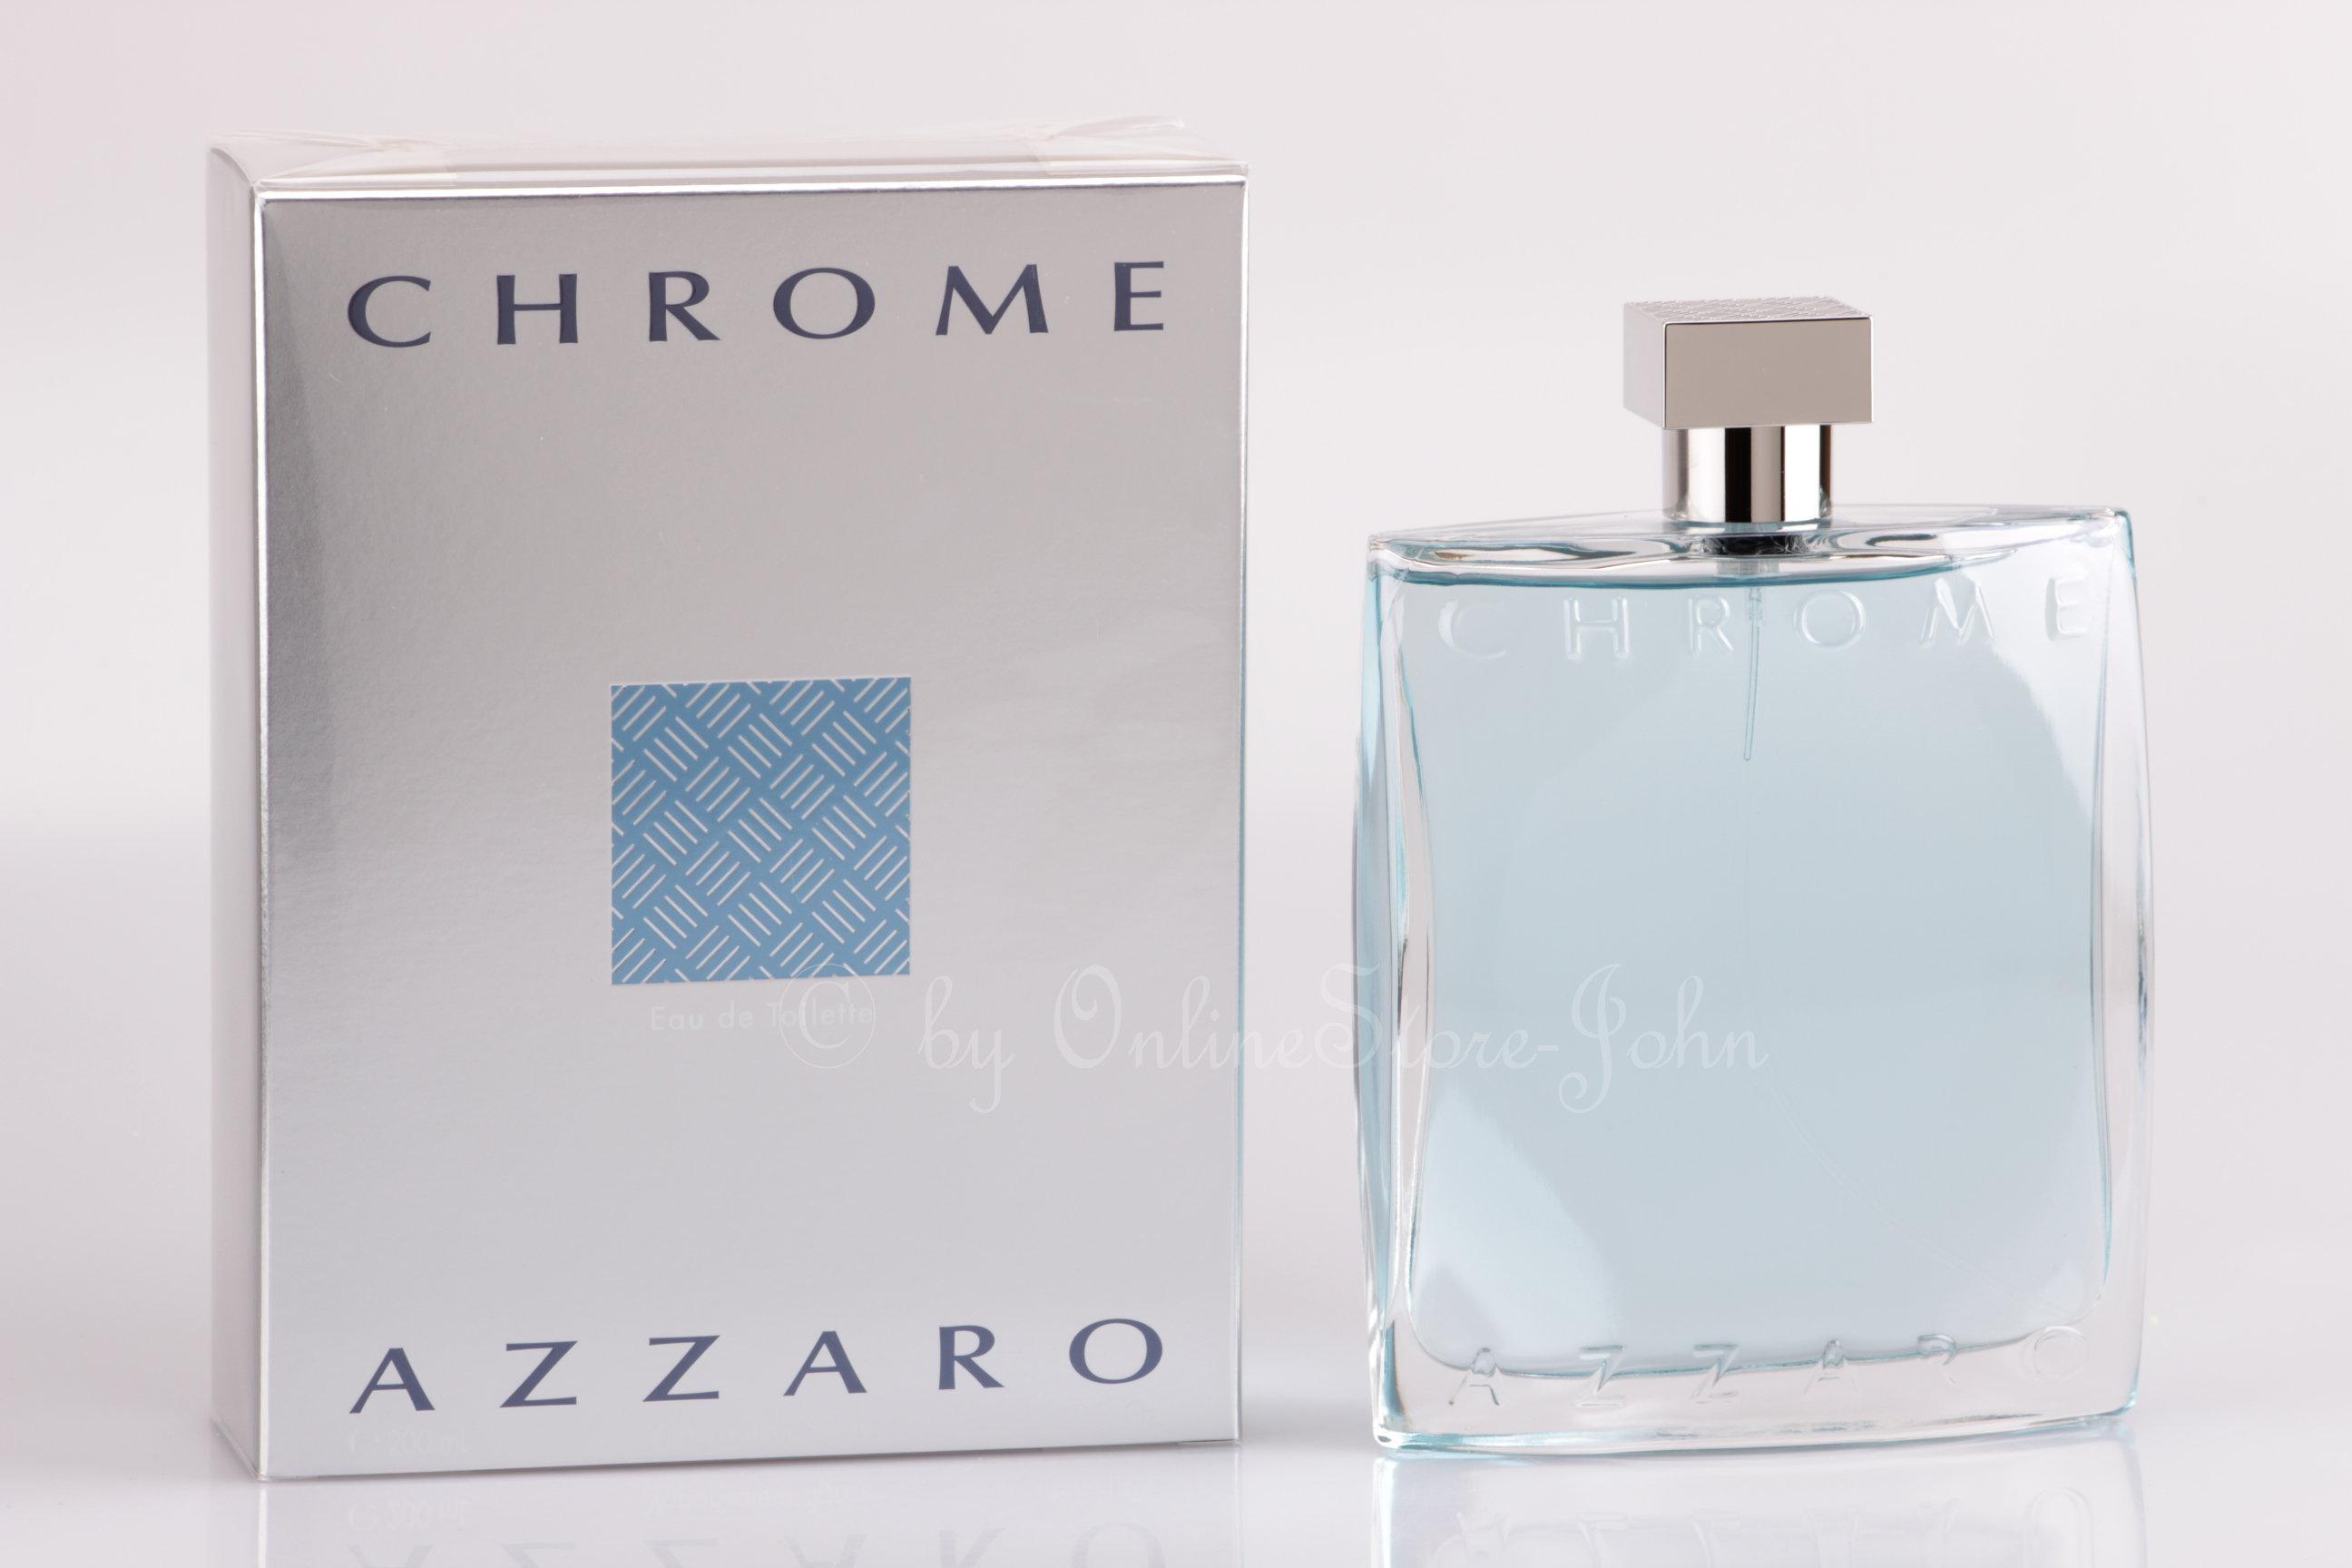 Chrome Azzaro 200ml